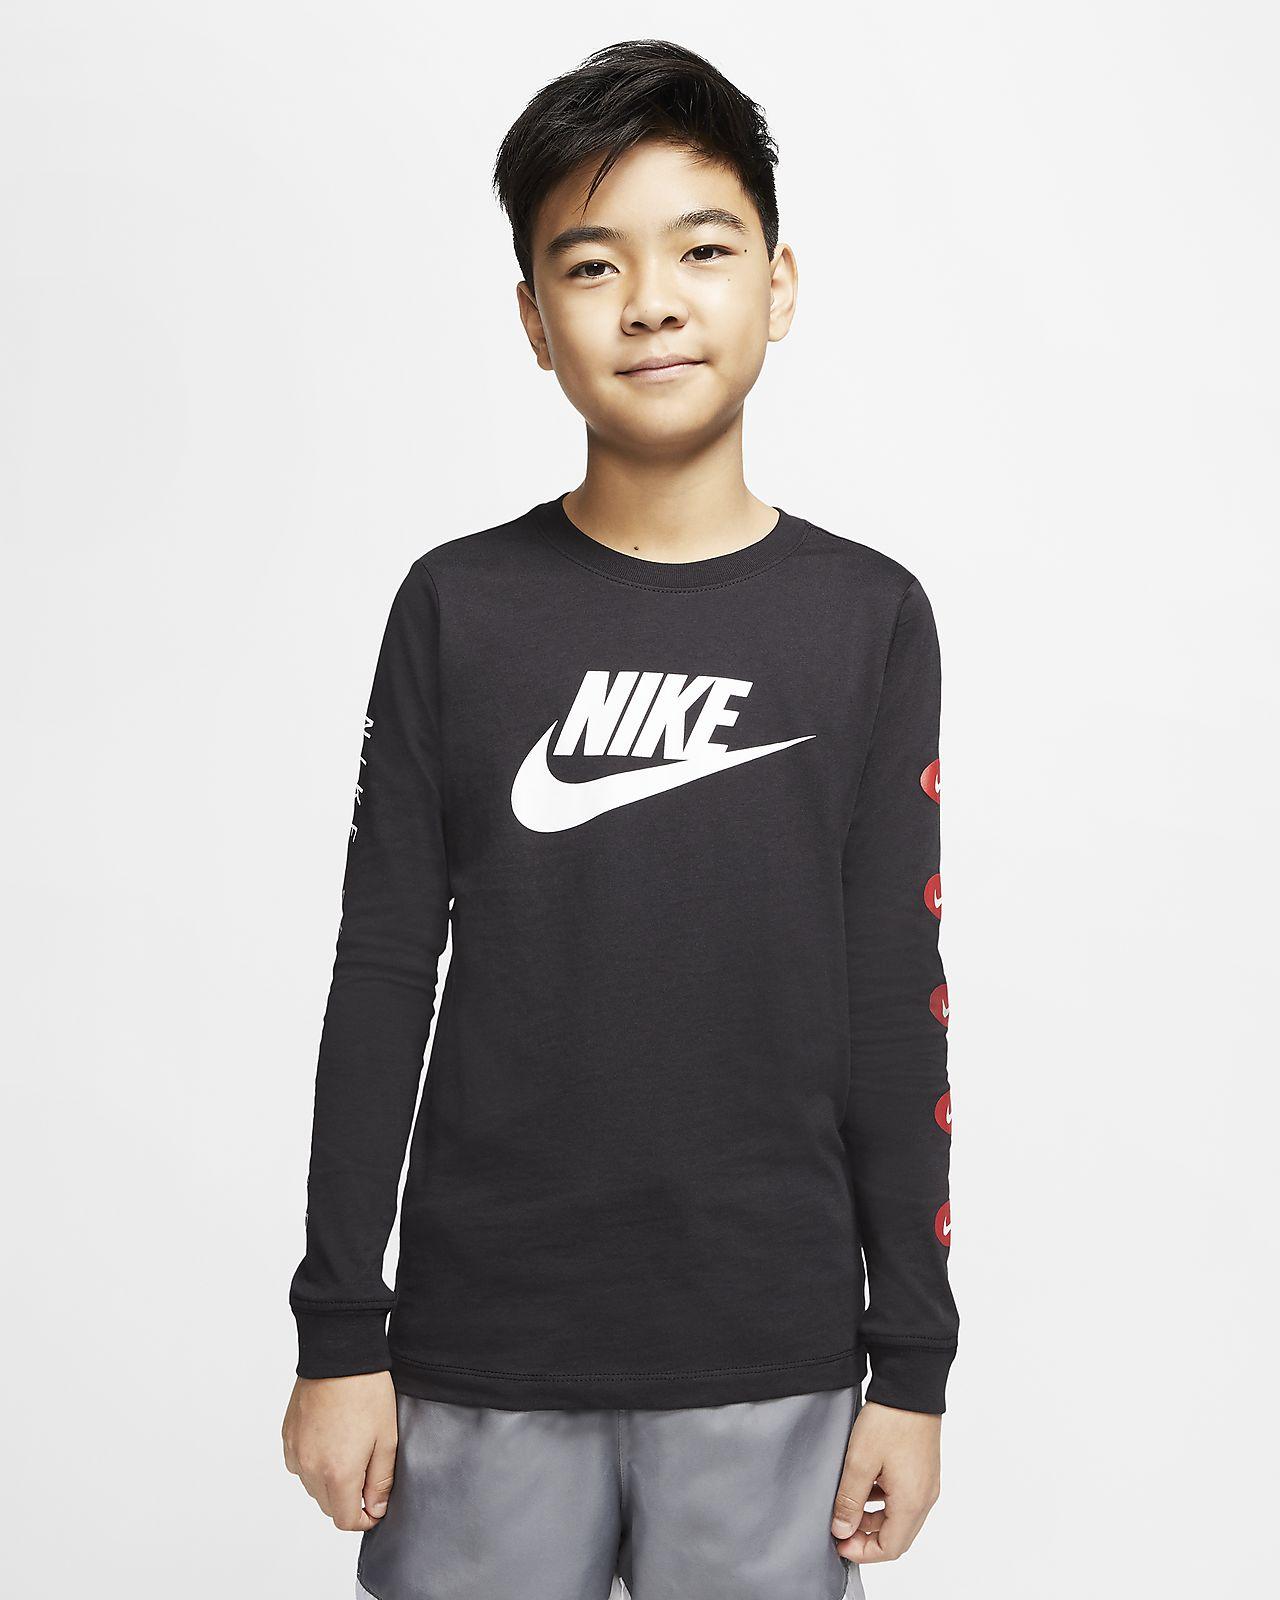 ナイキ スポーツウェア ジュニア (ボーイズ) ロングスリーブ Tシャツ